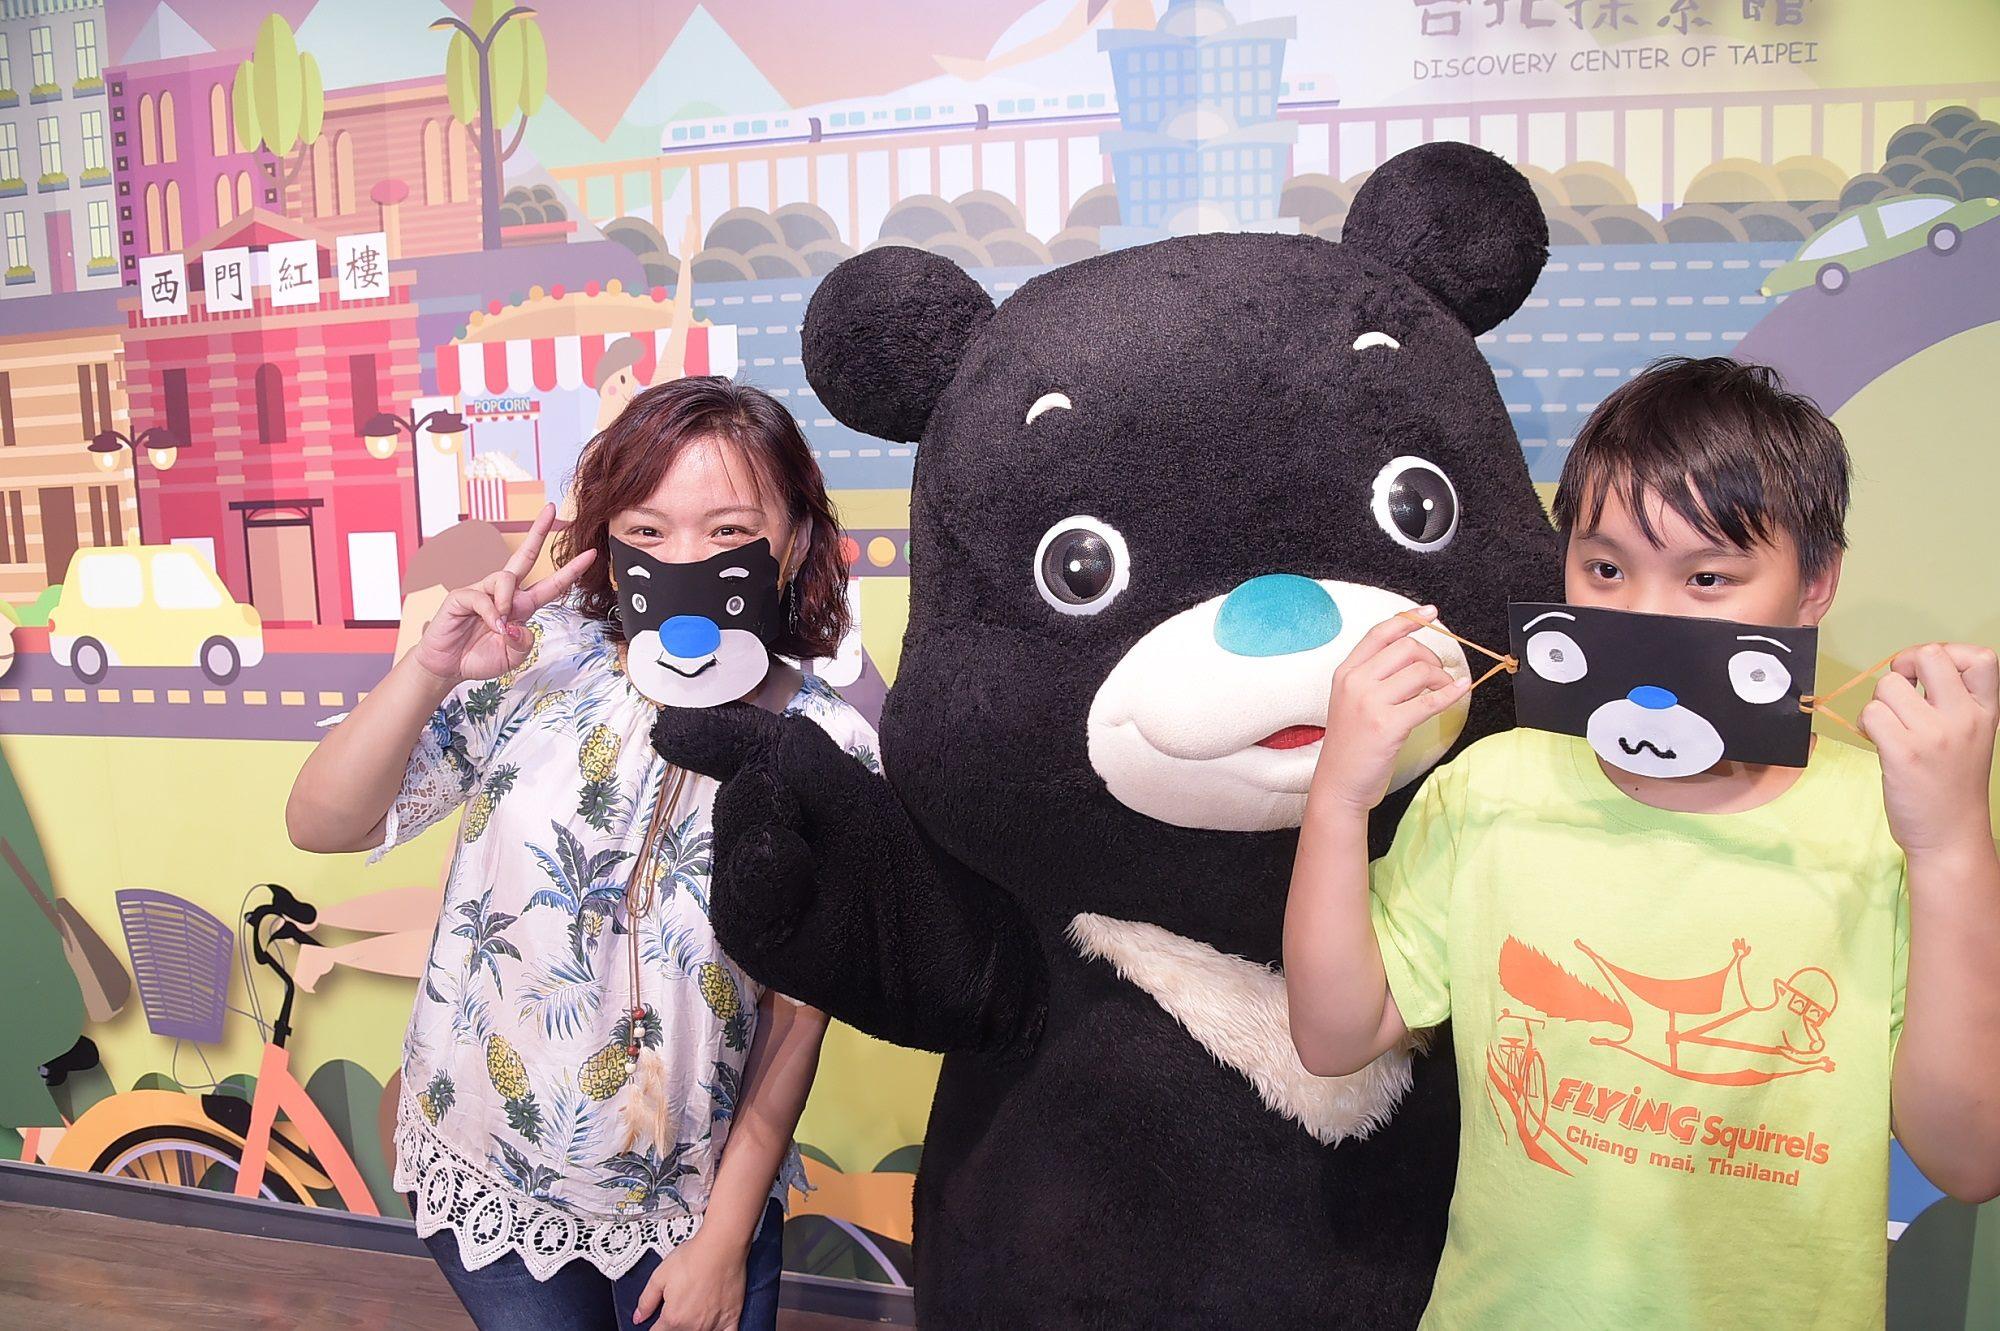 小朋友興奮地戴上DIY手作的造型口罩與熊讚開心合照。